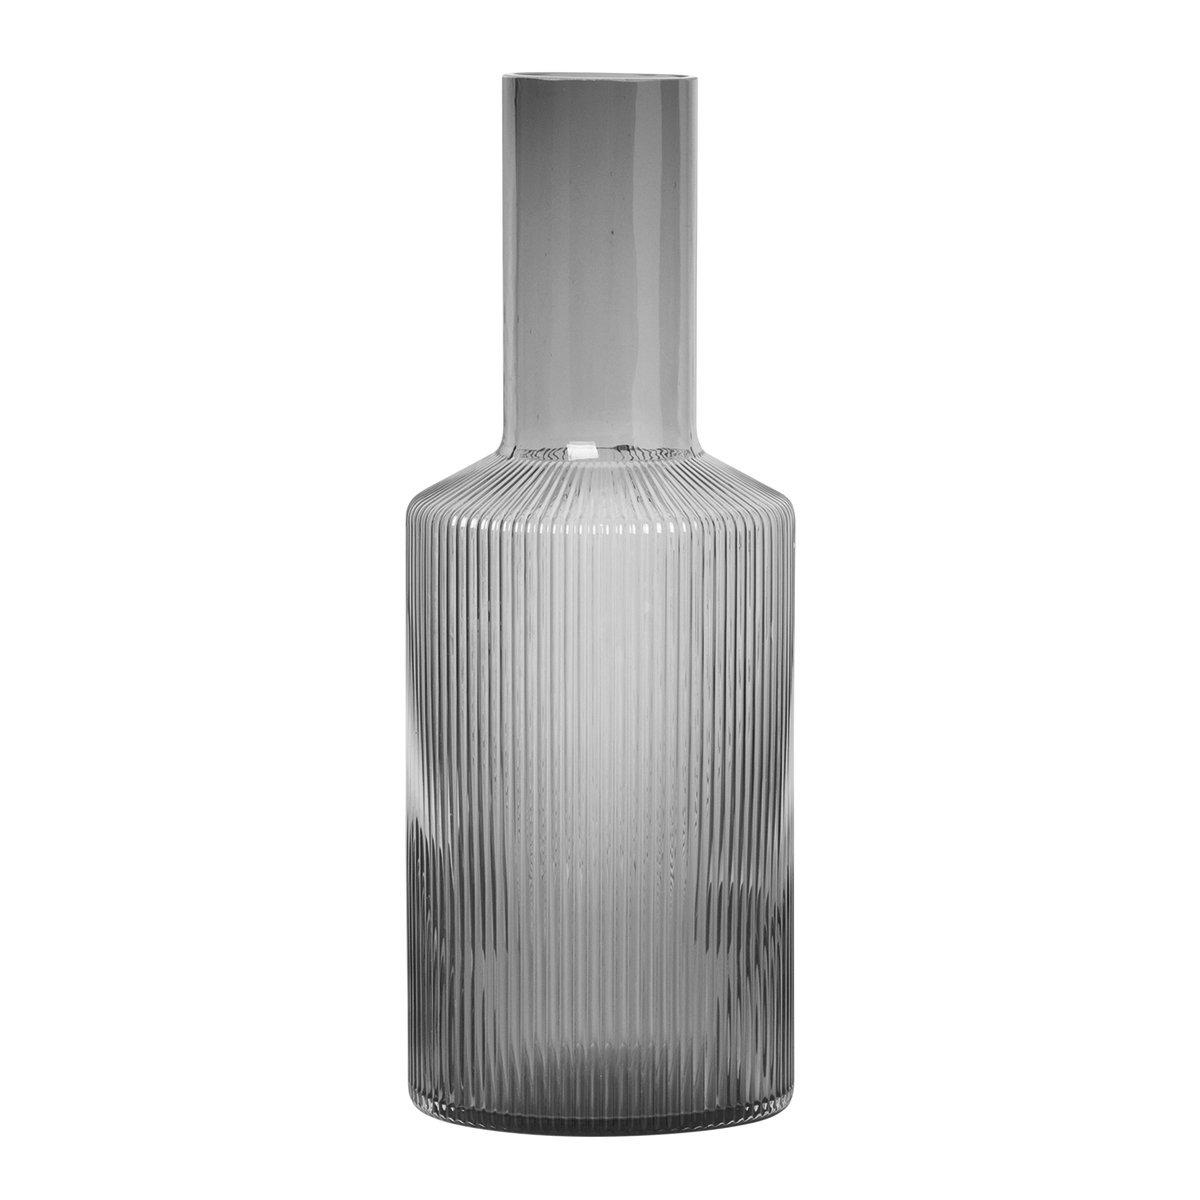 Ferm Living Ripple Karaf - Grijs Gerookt Glas